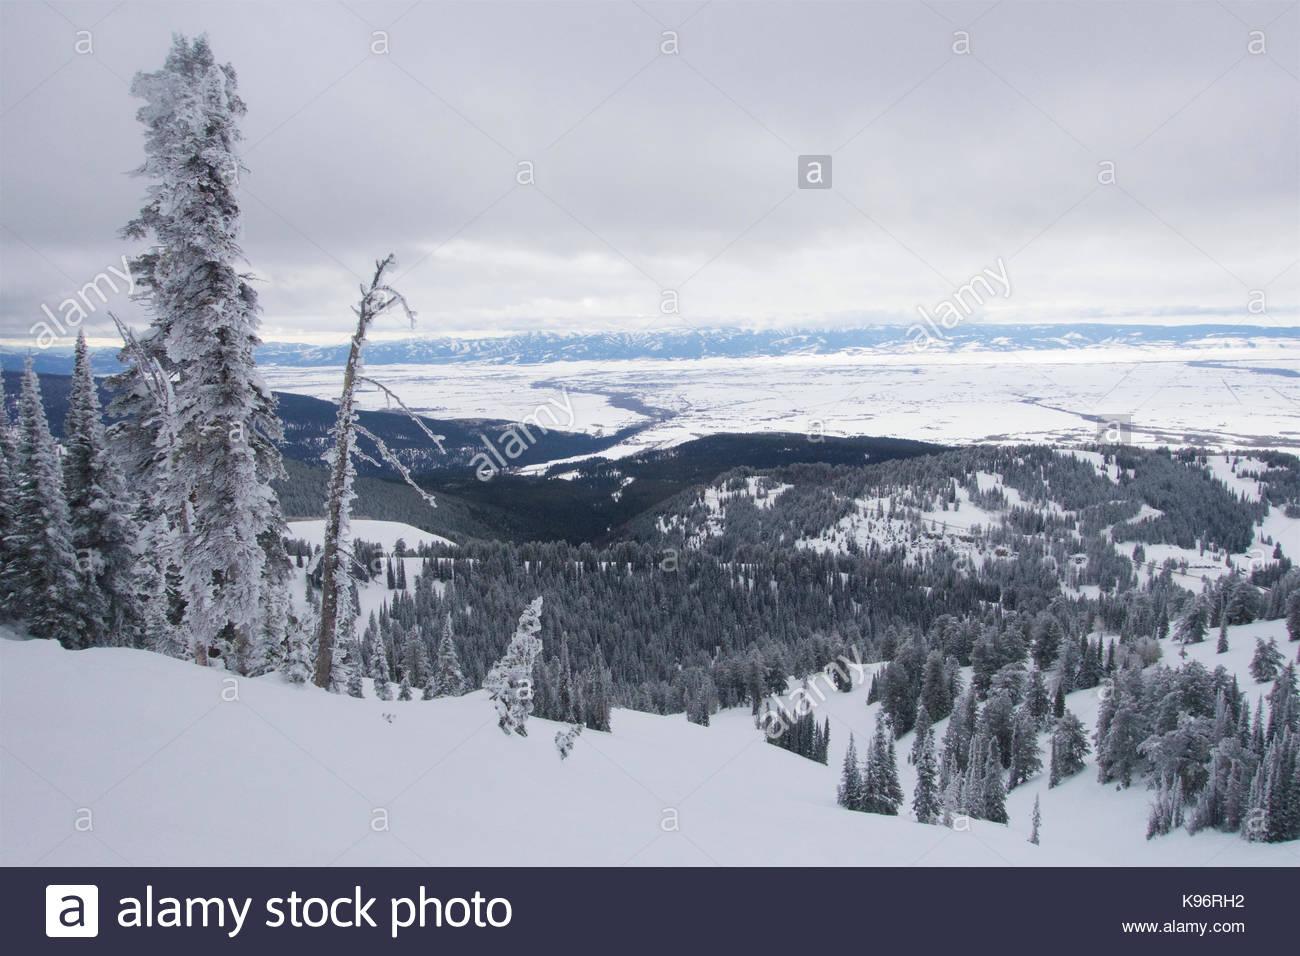 Szene Winter mit Schnee und Rauhreif bedeckt Bäume in die Berge. Stockbild